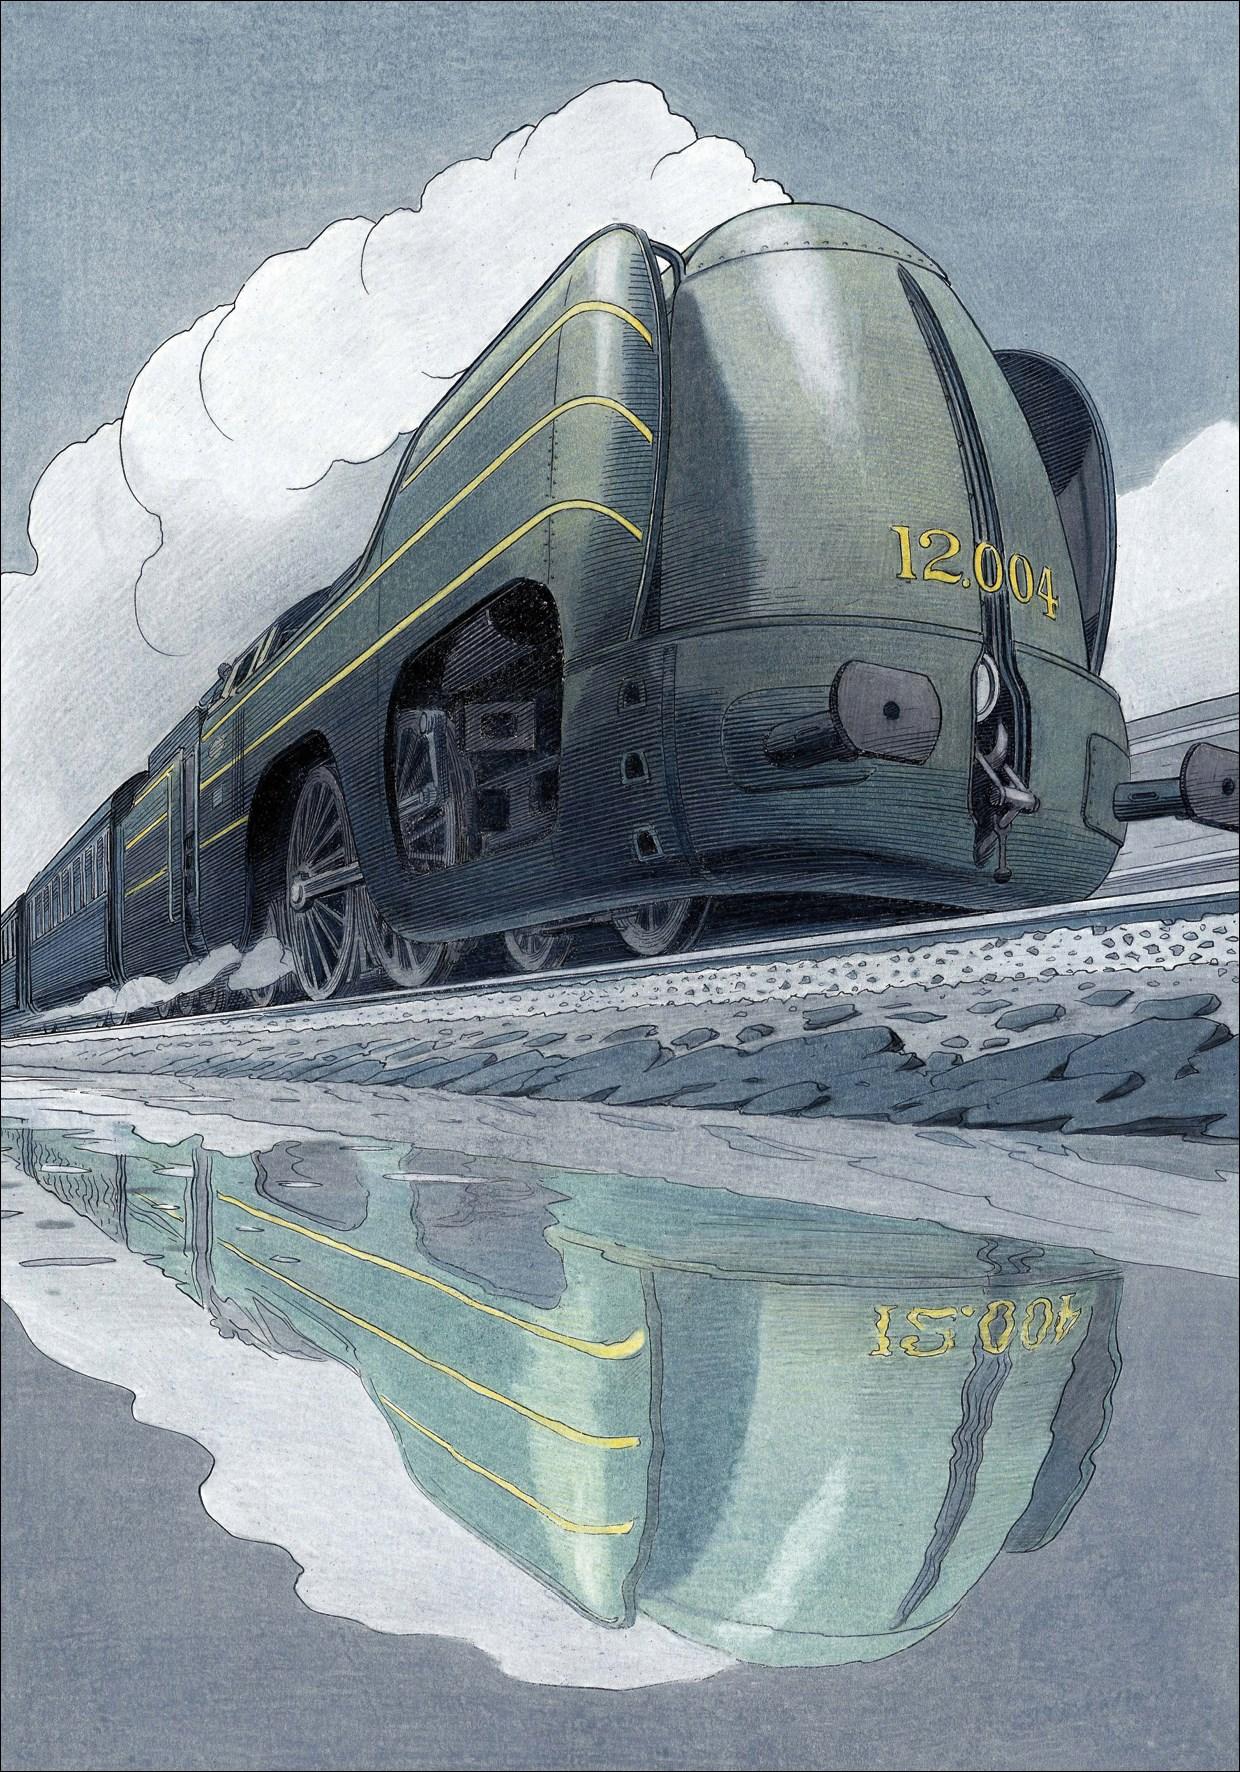 La Type 12 - De jour by François Schuiten